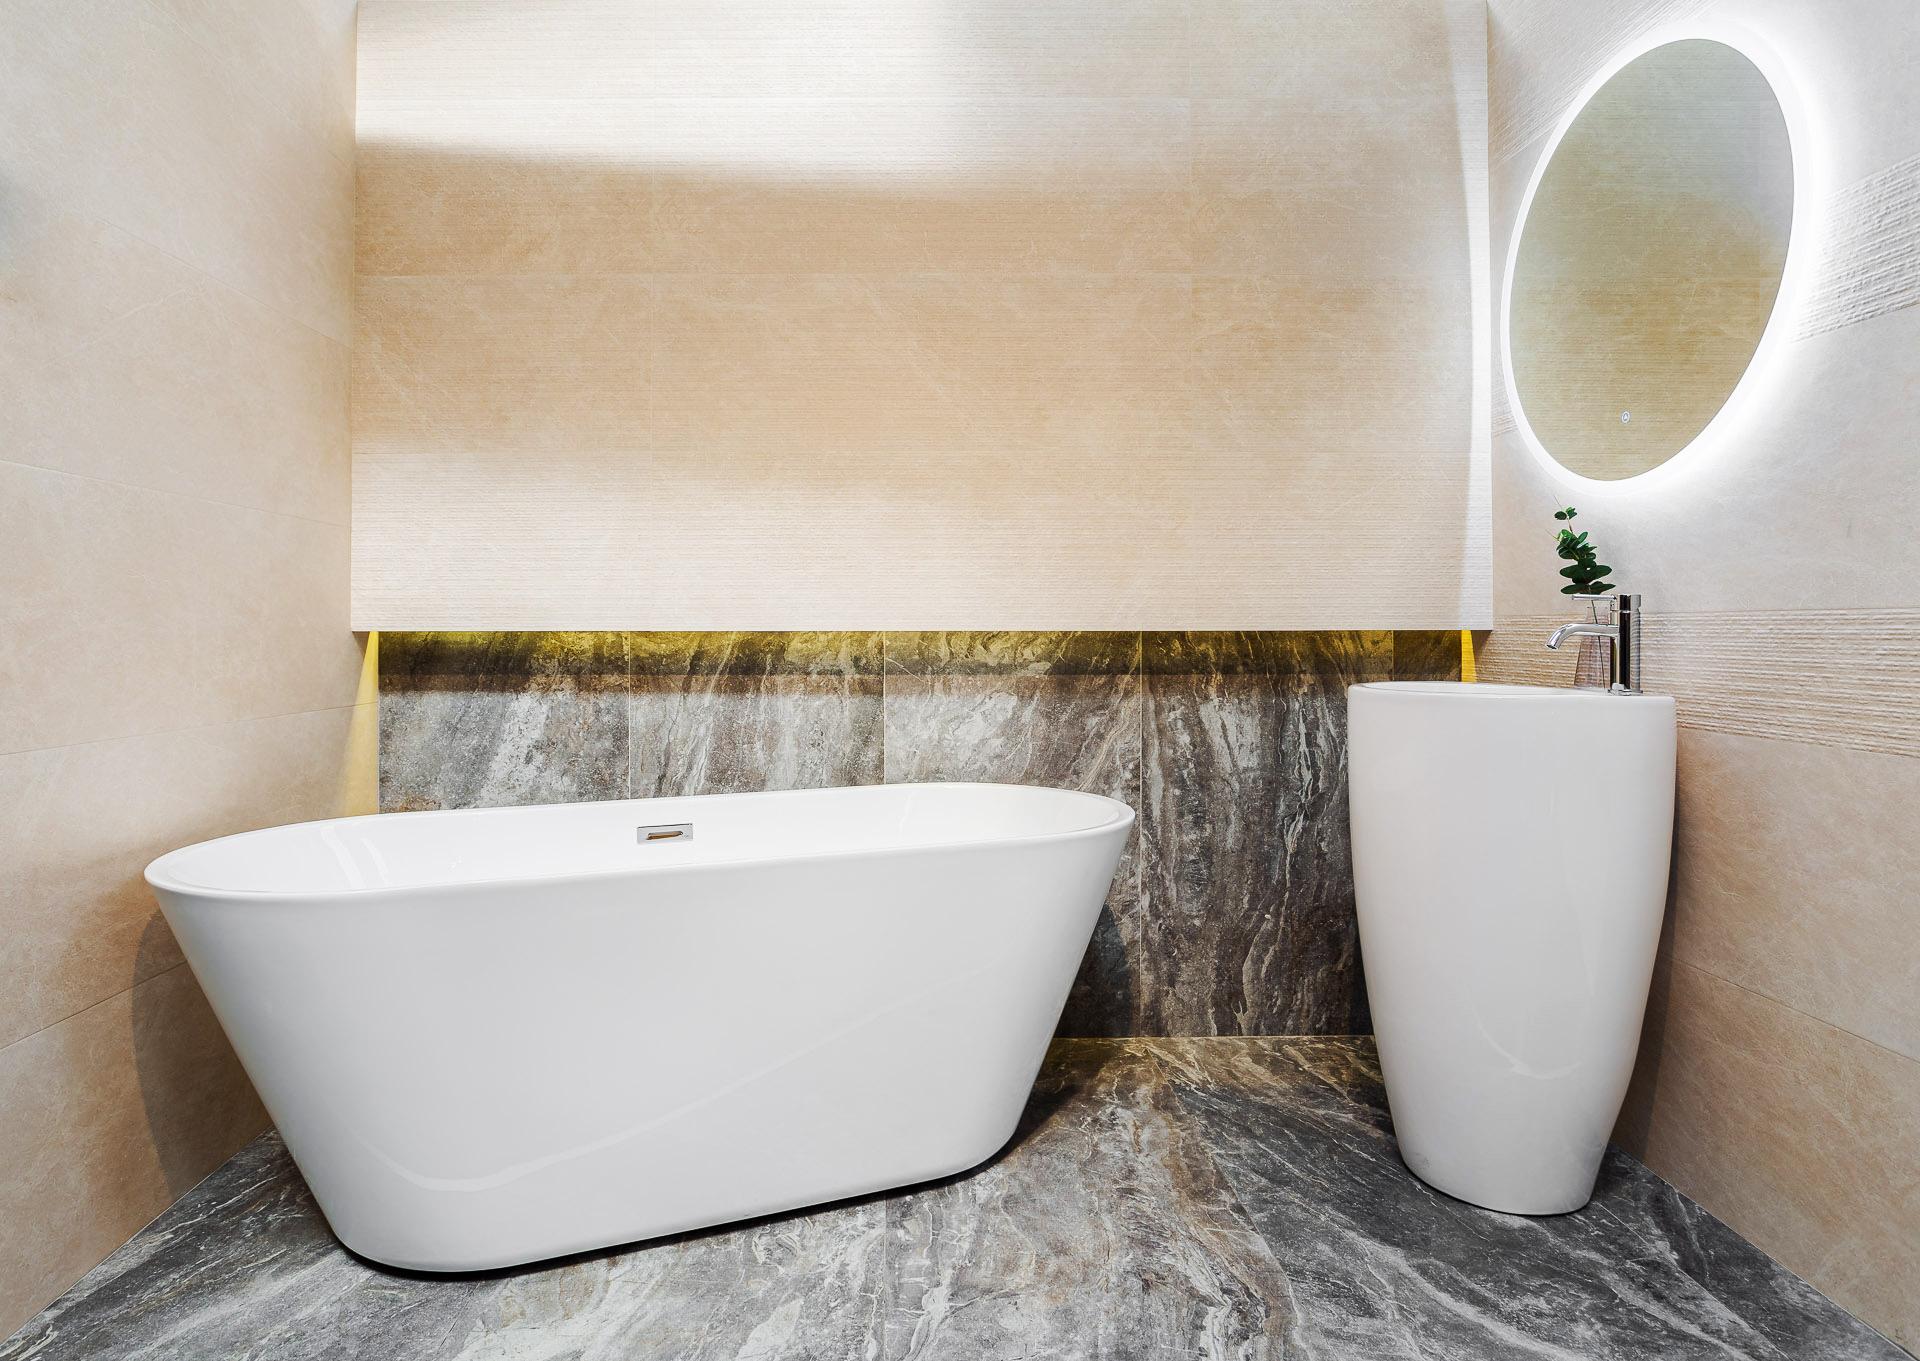 amenajare baie cu cadă freestanding